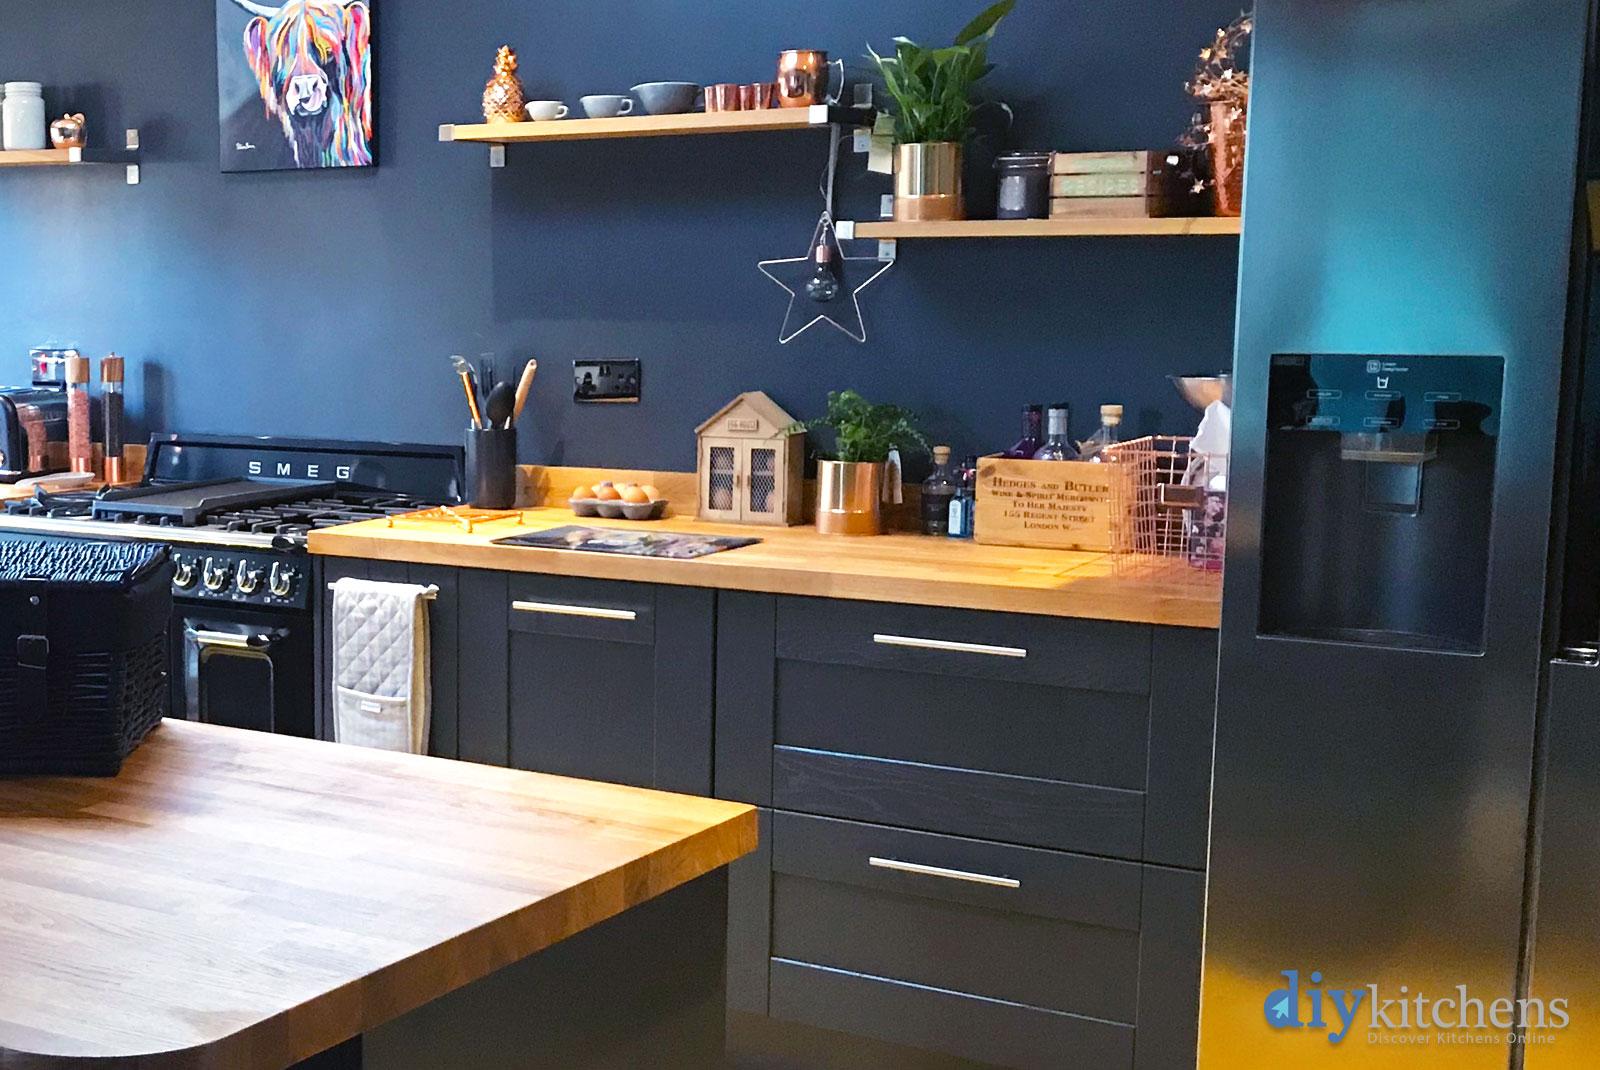 Diy Kitchens Pontefract Reviews